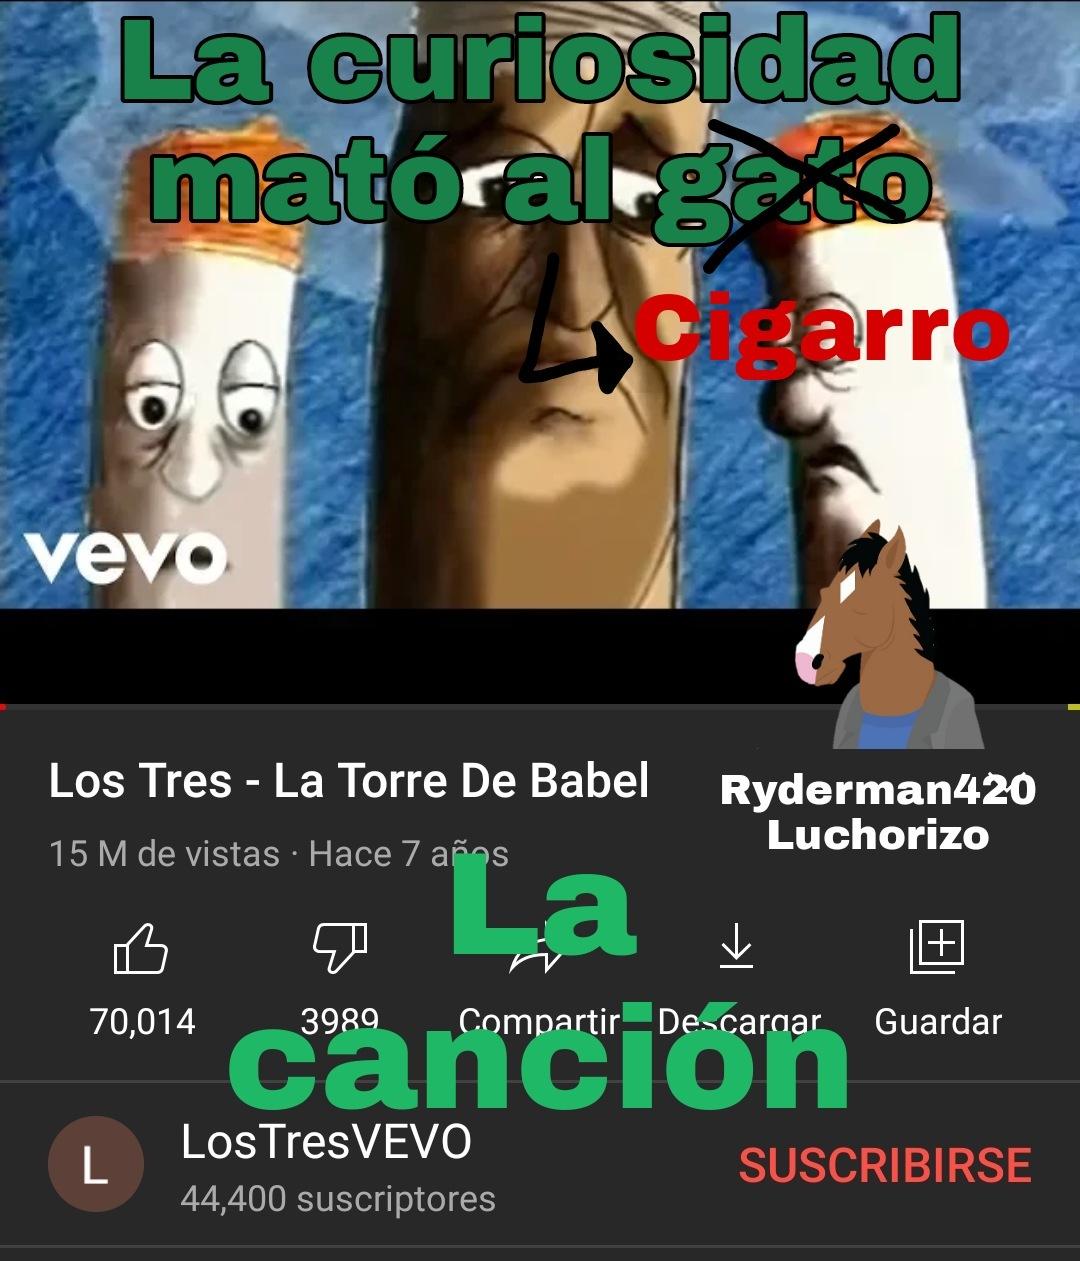 El contexto está en el video xd - meme